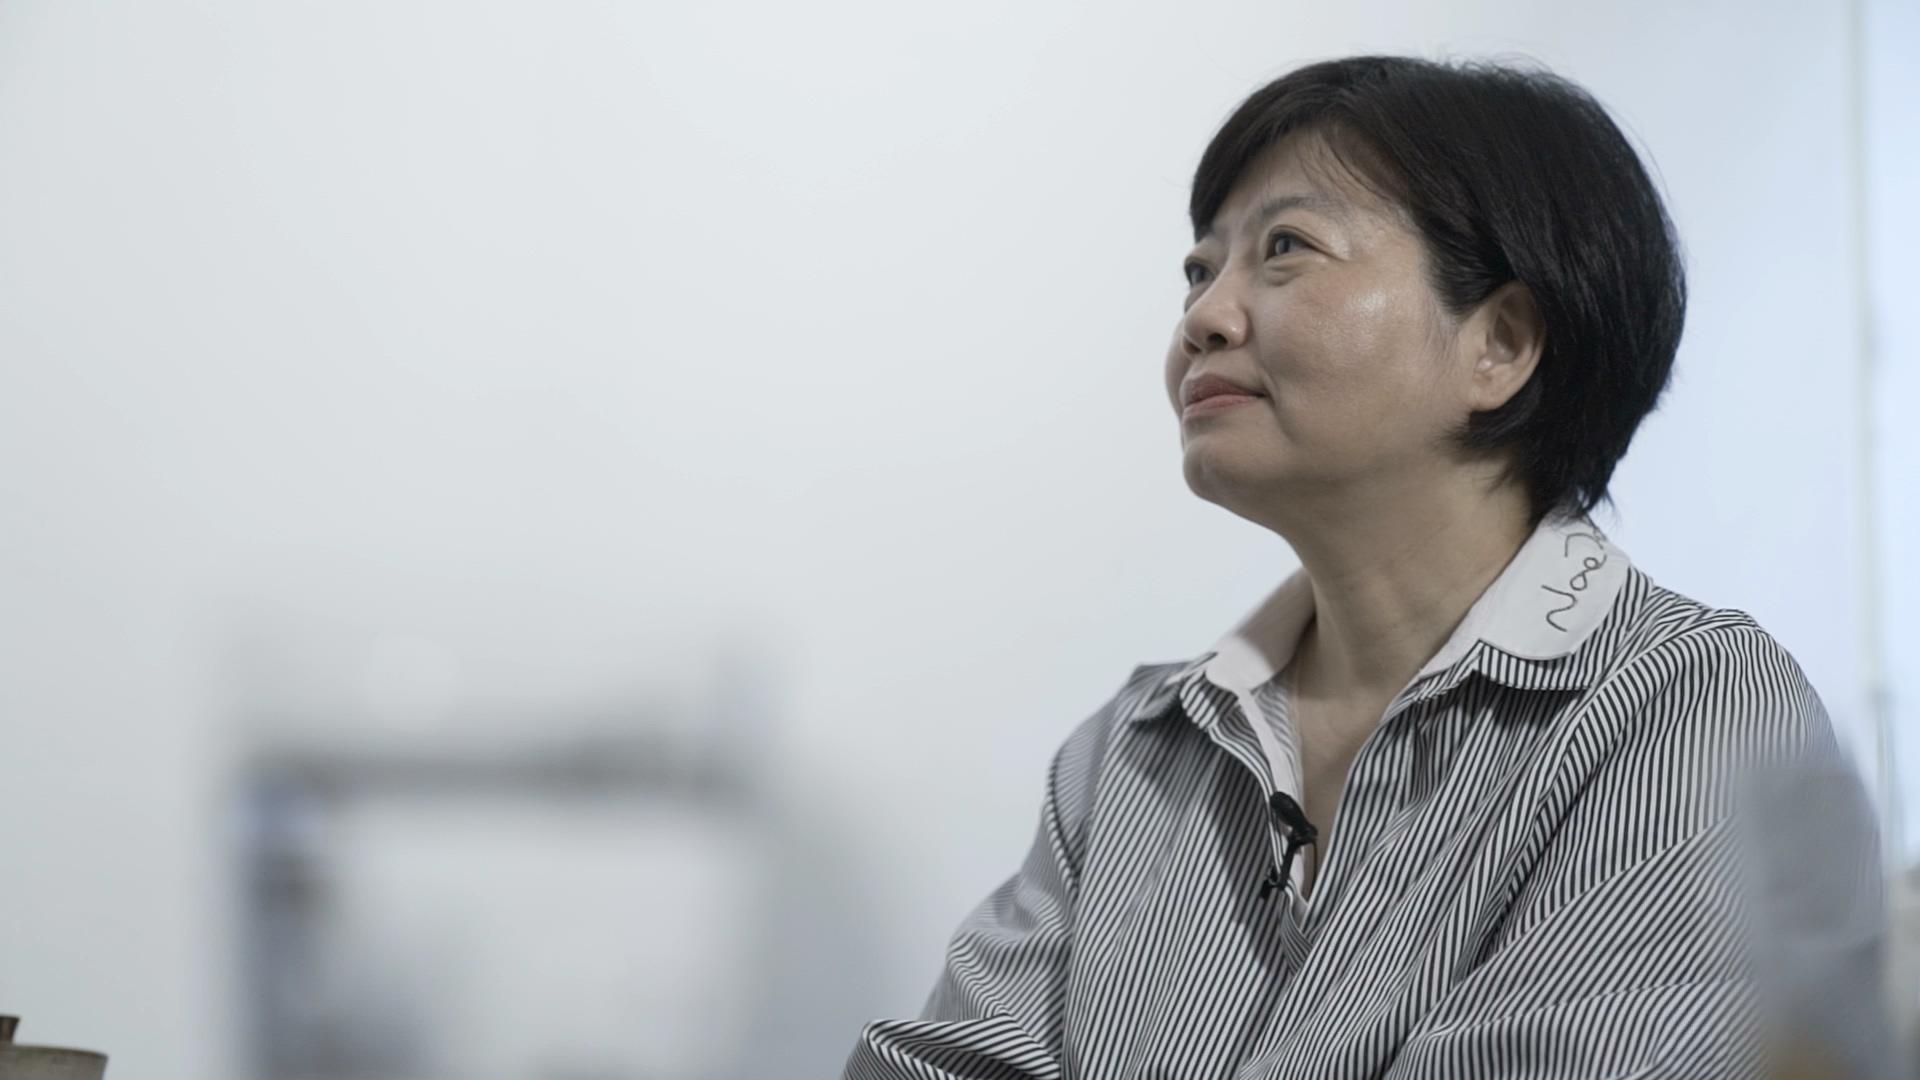 好好跟家人談論死亡,對郭慧娟來說反而更深入了解家人的生命歷程,是件格外溫馨的事情。